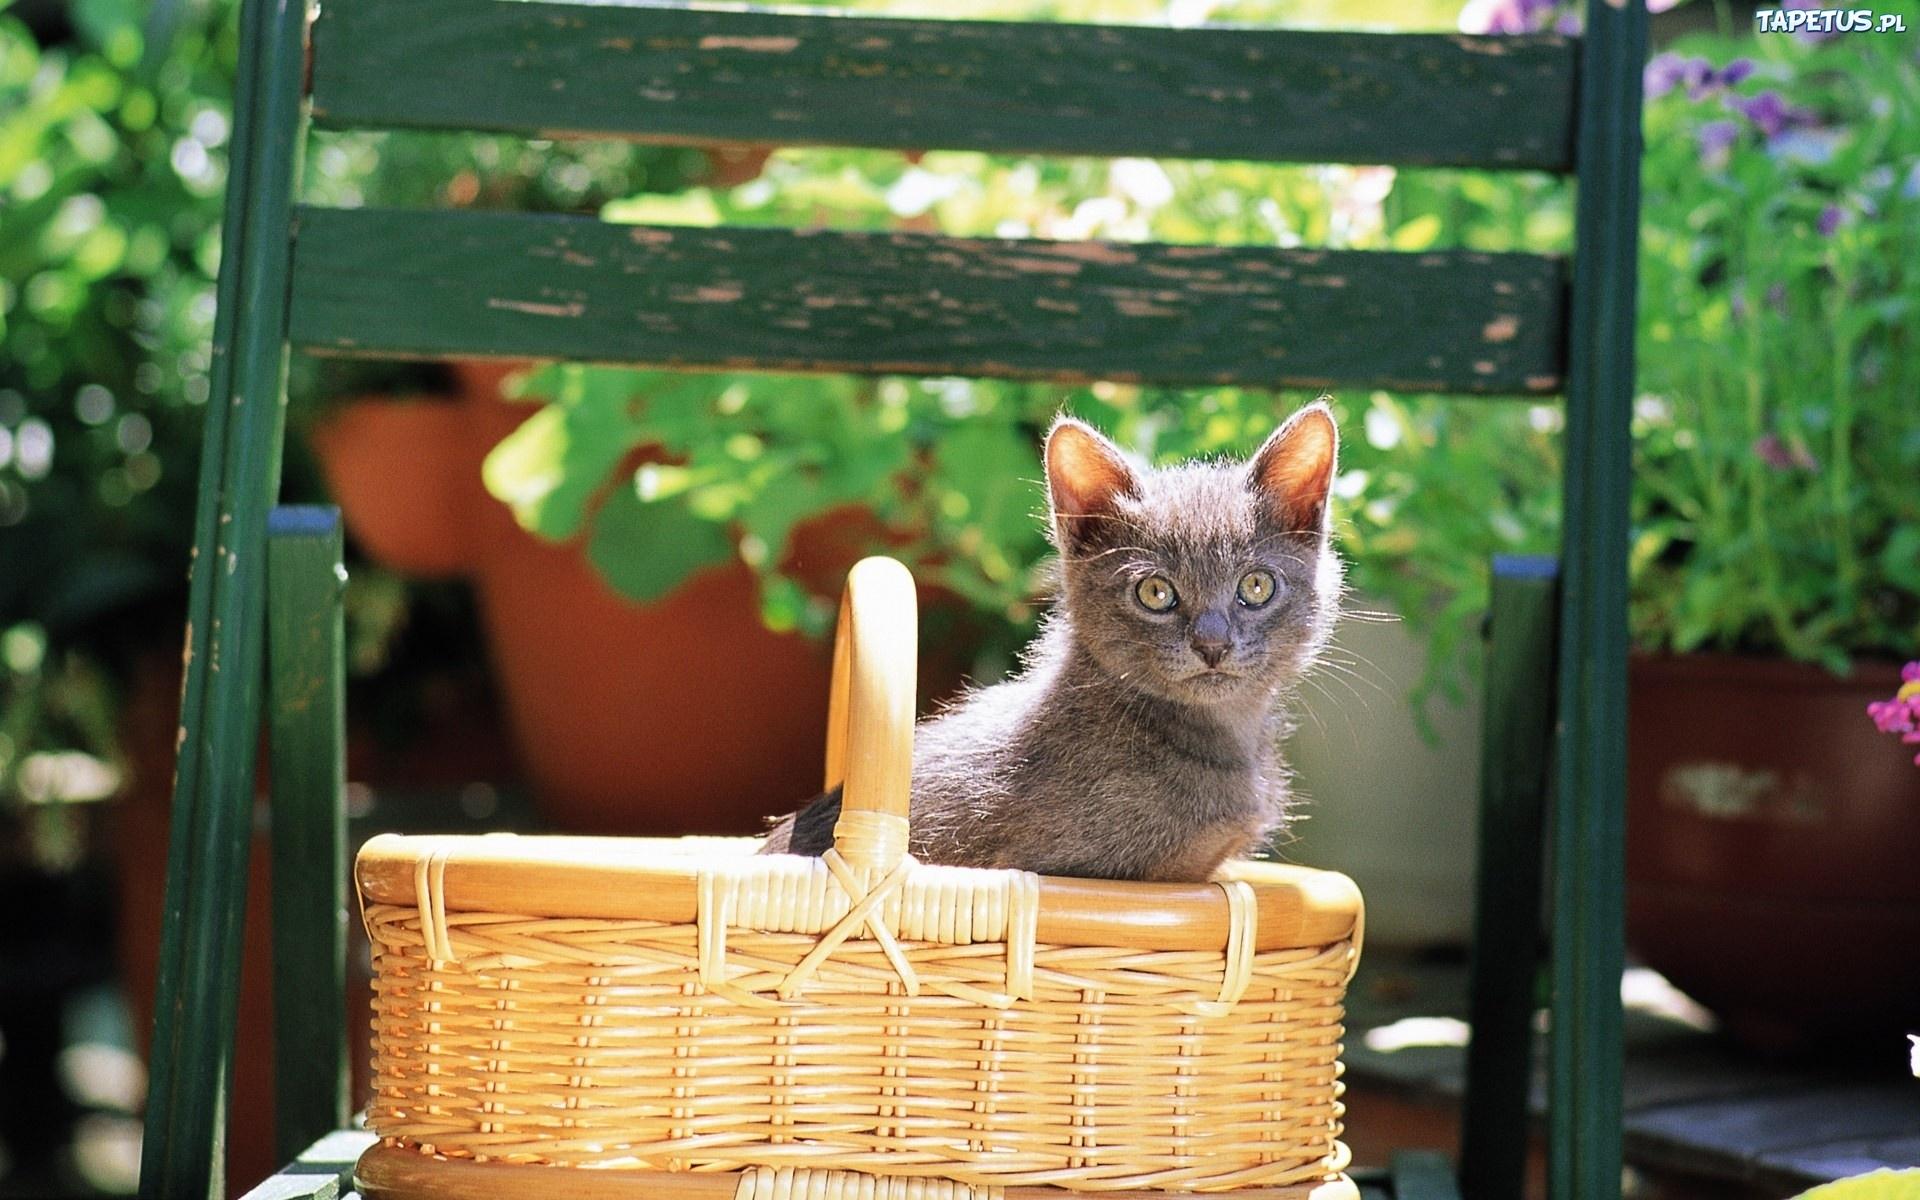 小黄猫  花盆里的小猫咪壁纸图片6  猫猫壁纸酷 wallcoocom